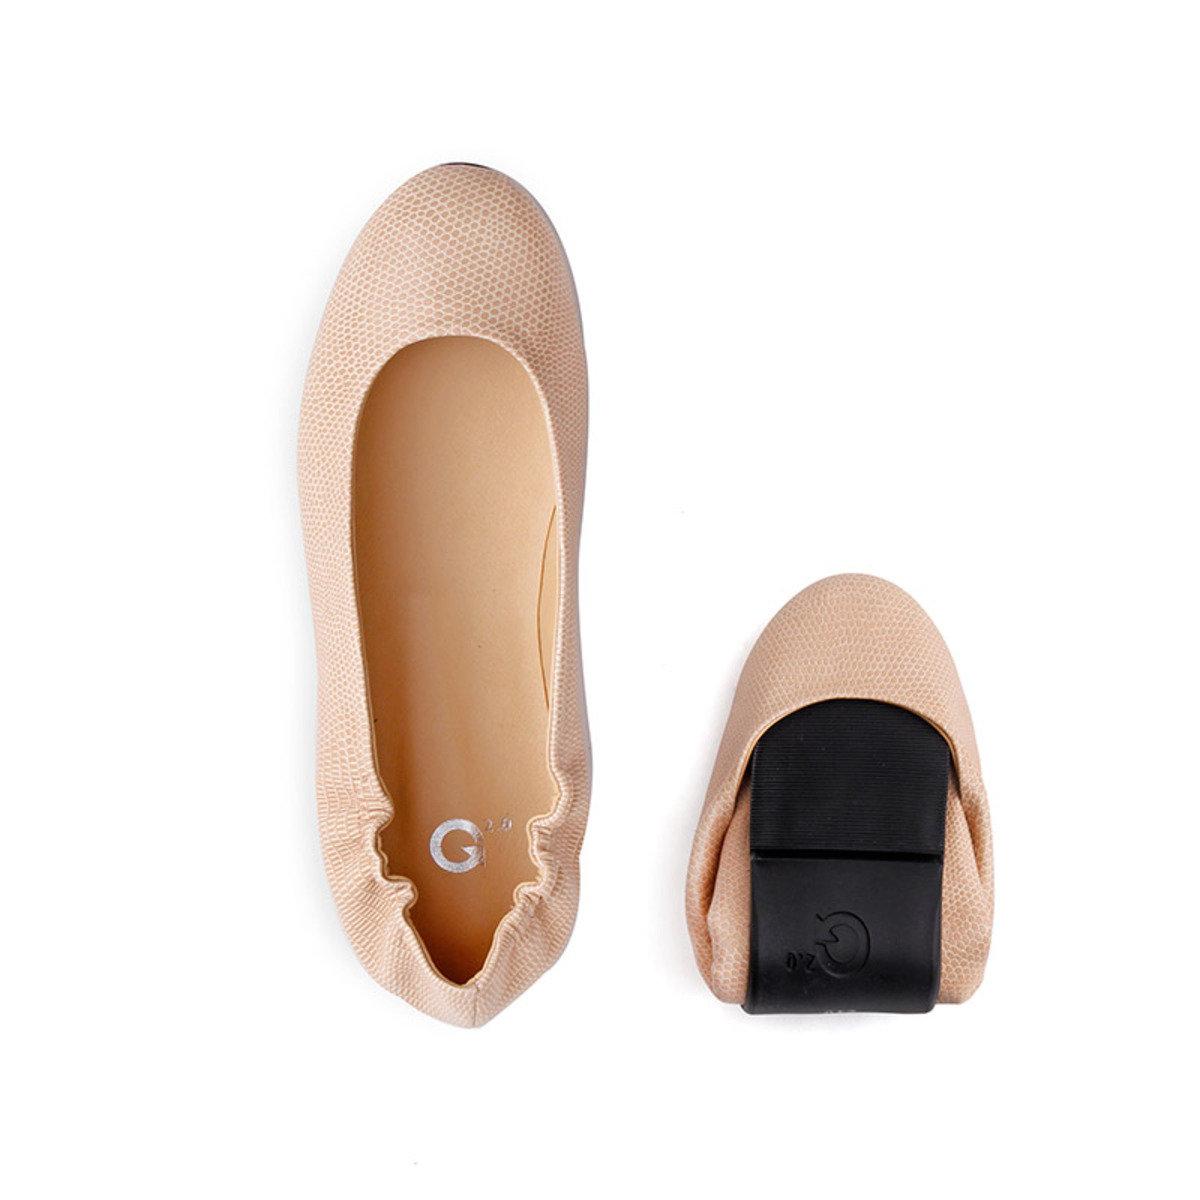 基本B款摺疊式平底鞋_GOGO_6BEI